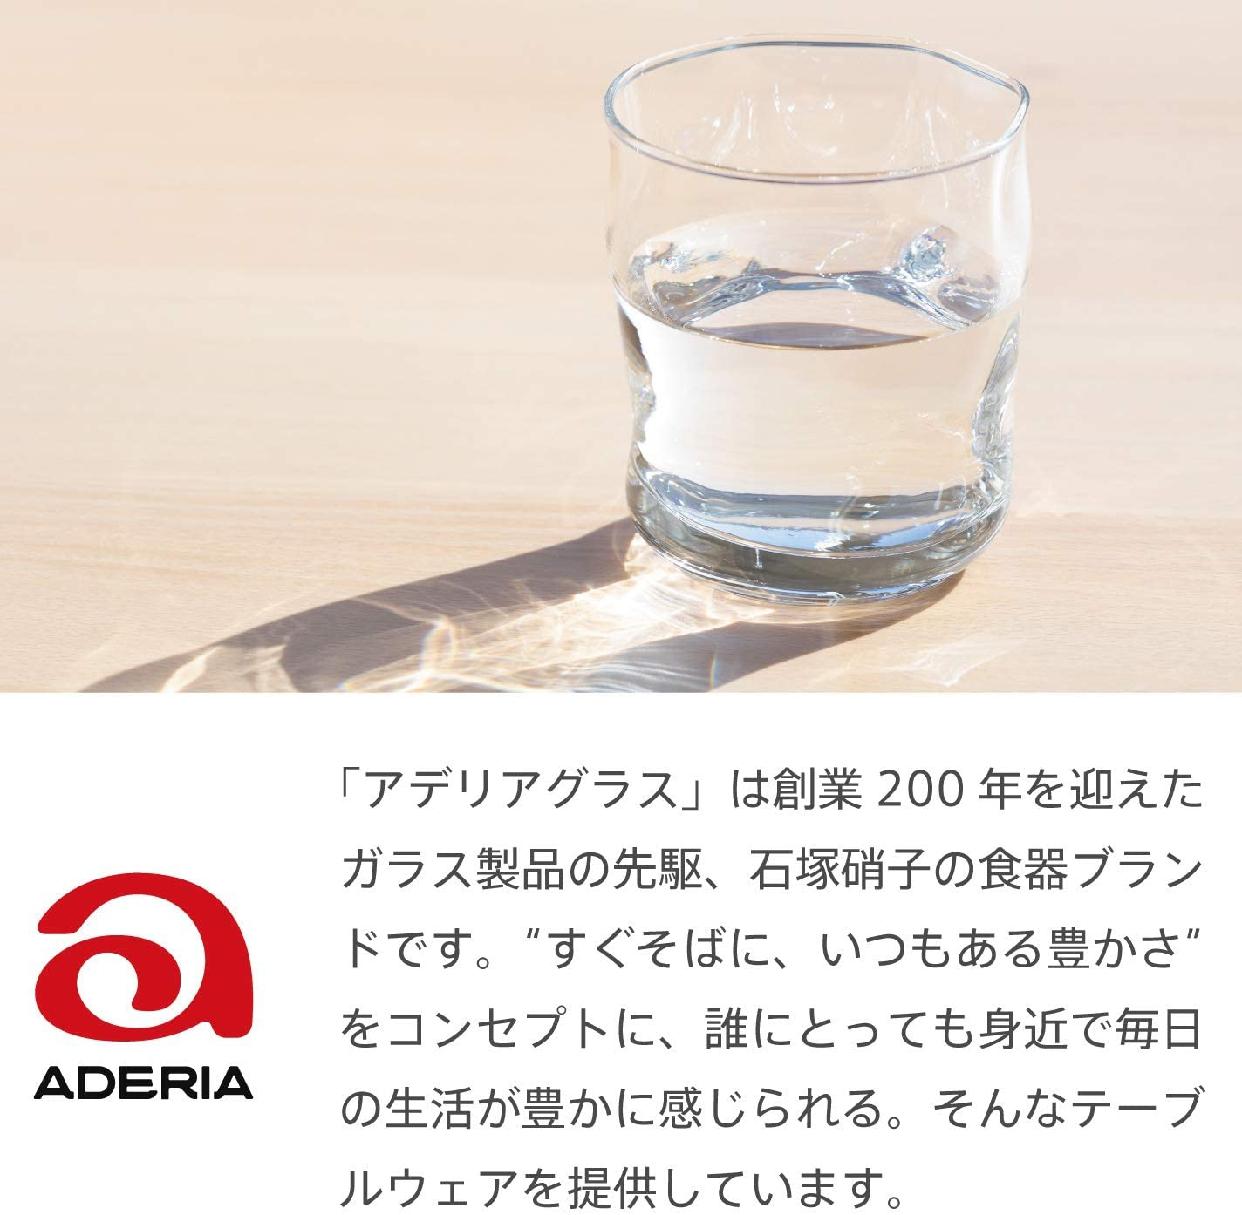 ADERIA(アデリア)ビールジョッキの商品画像6